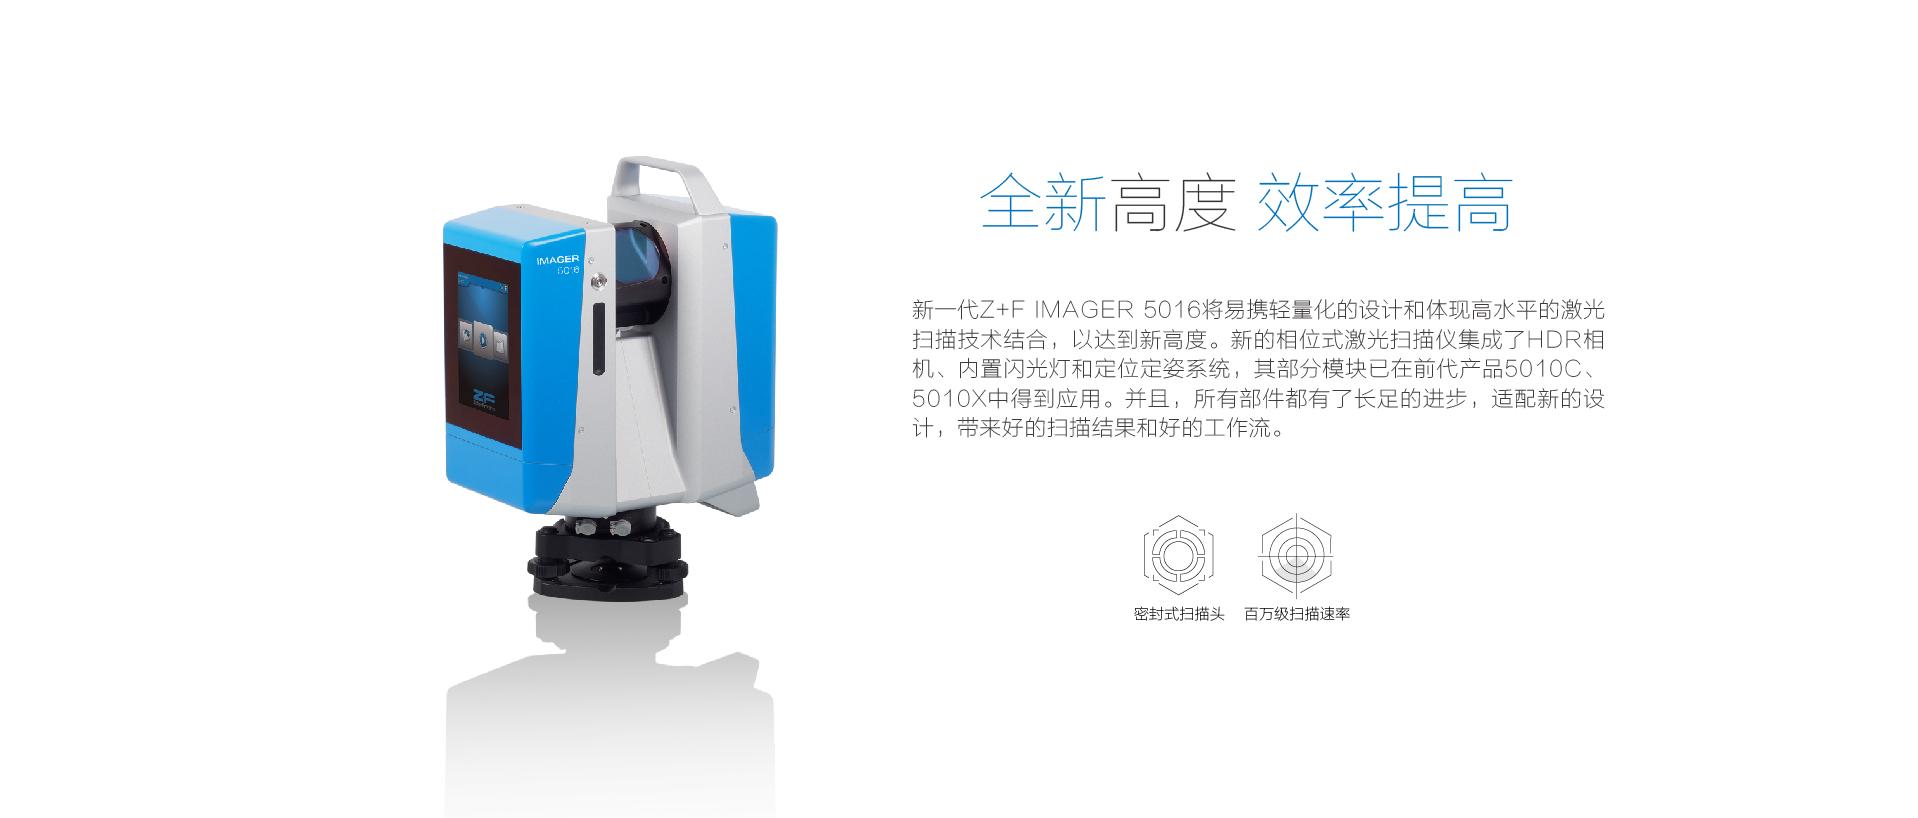 上海華測Z+F 5016三維激光掃描儀,全新高度,效率提高的三維激光掃描儀,相位式激光掃描儀,華測導航